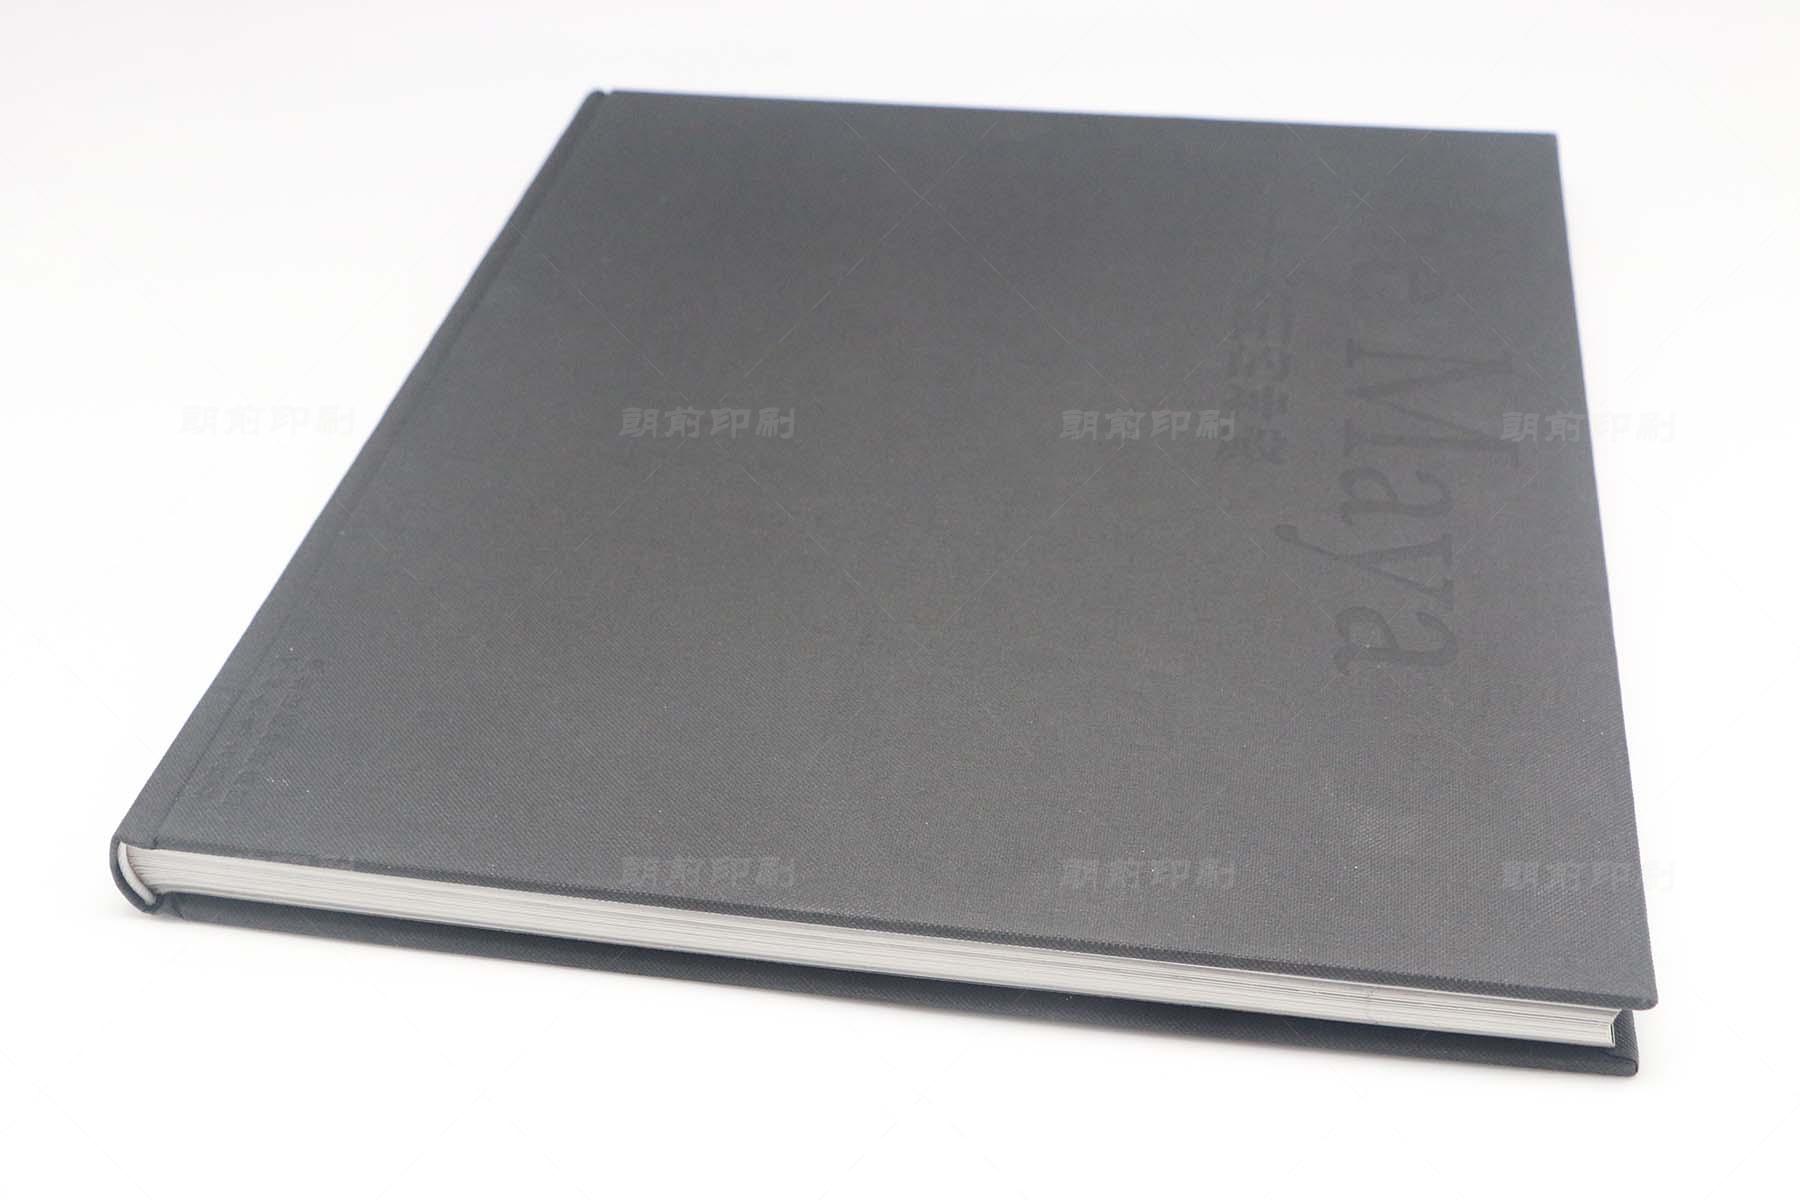 广州广告画册设计印刷 广州企业宣传画册印刷制作